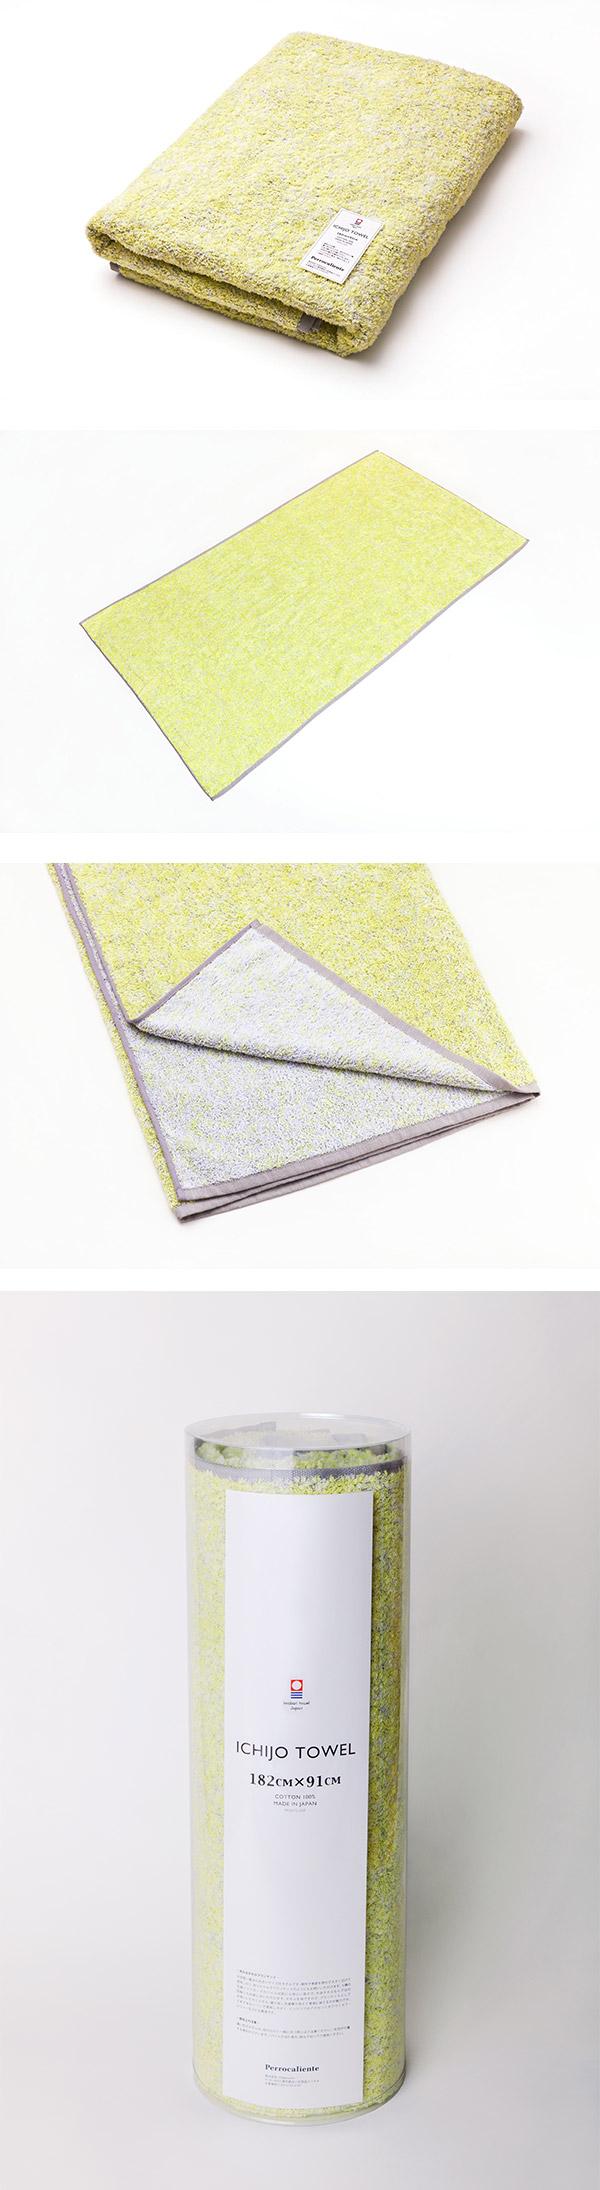 Perrocaliente ICHIJO TOWEL 一畳毛巾 黃色